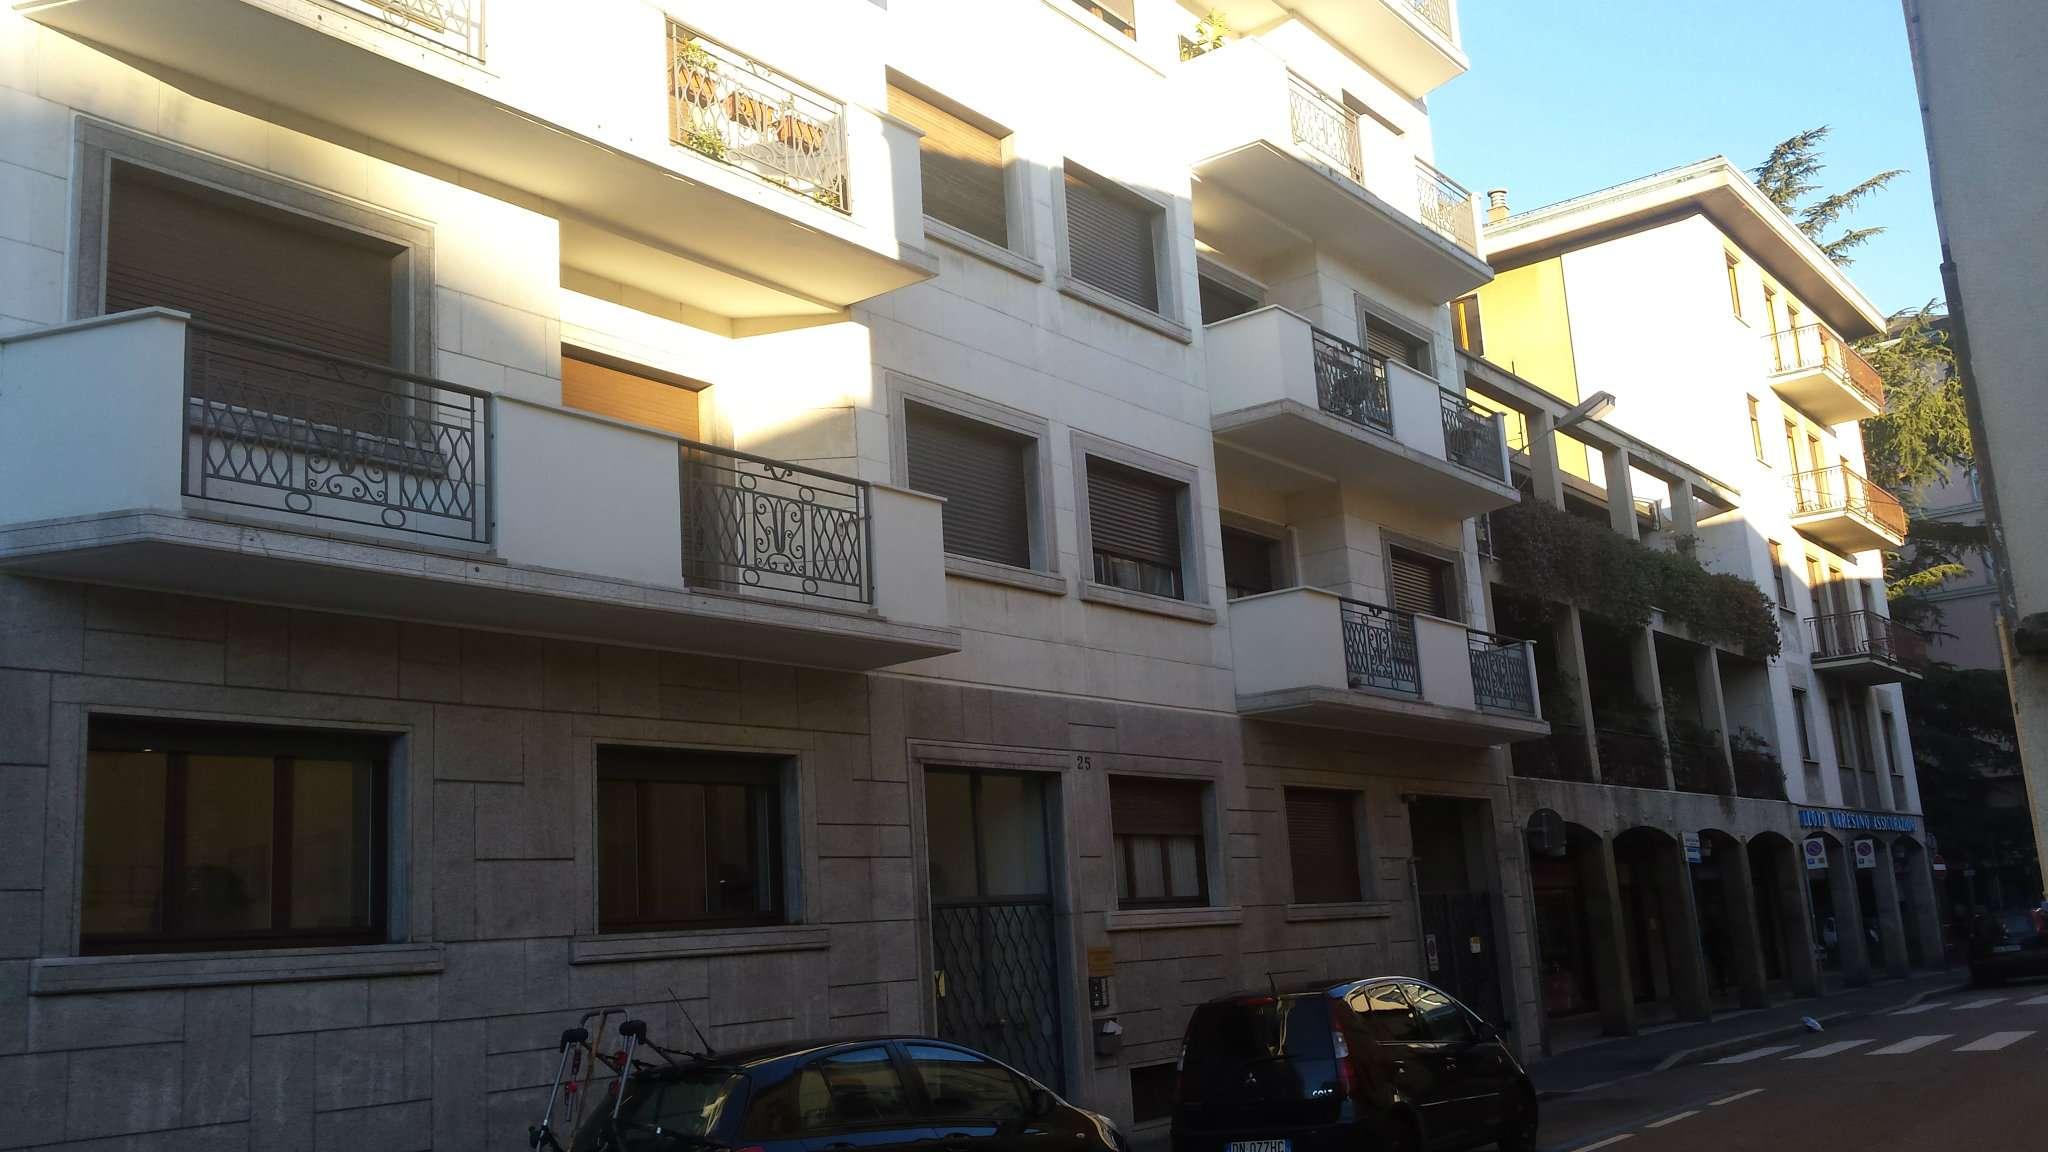 Ufficio / Studio in affitto a Varese, 4 locali, prezzo € 550 | Cambio Casa.it